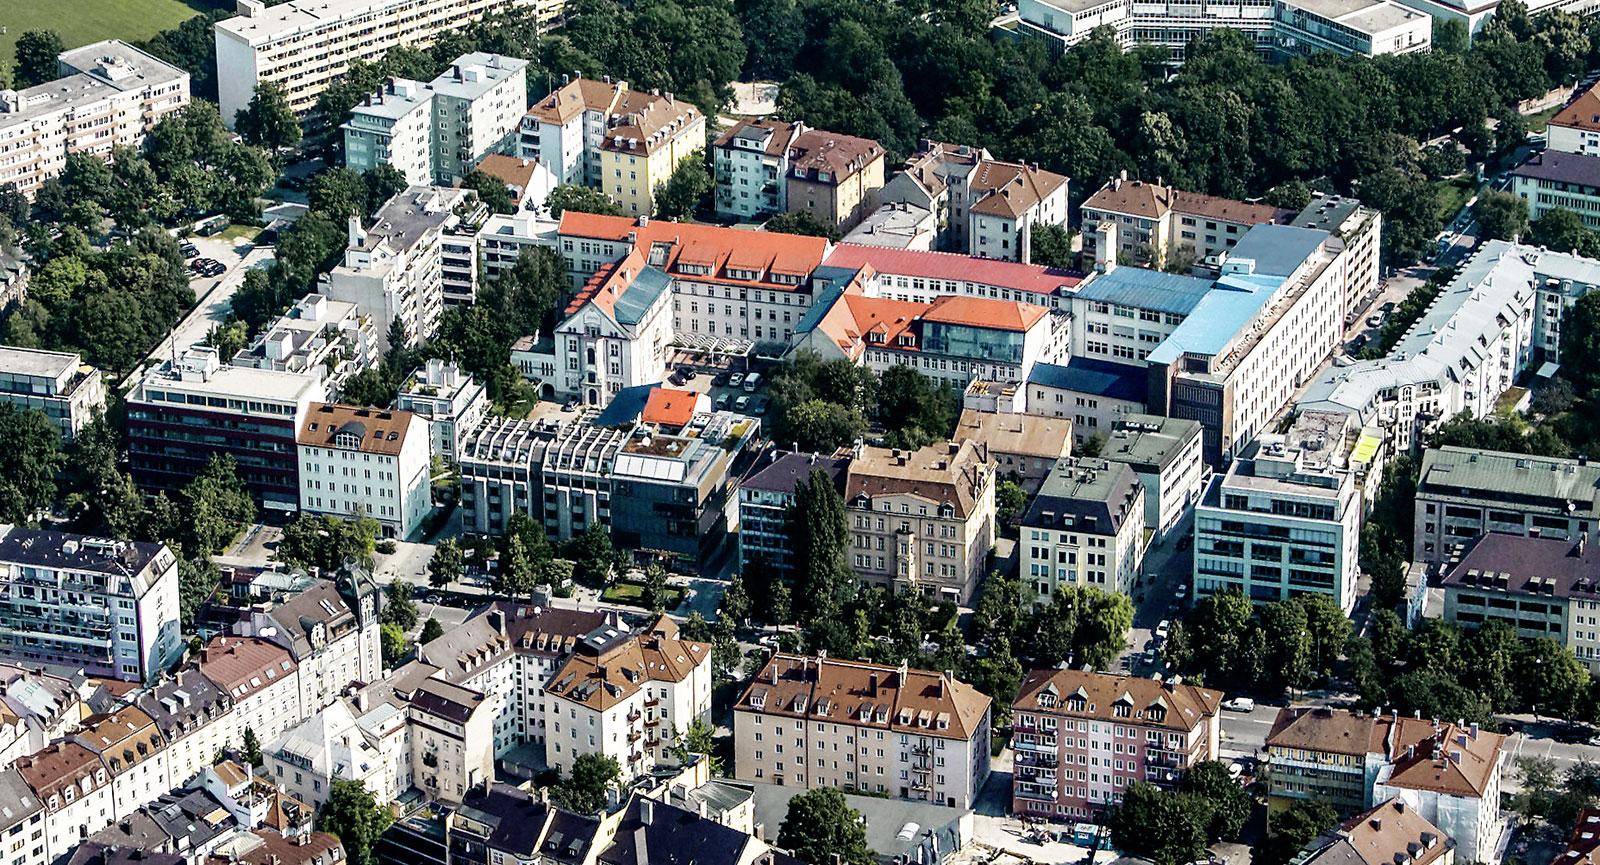 Bruckmann Quartier